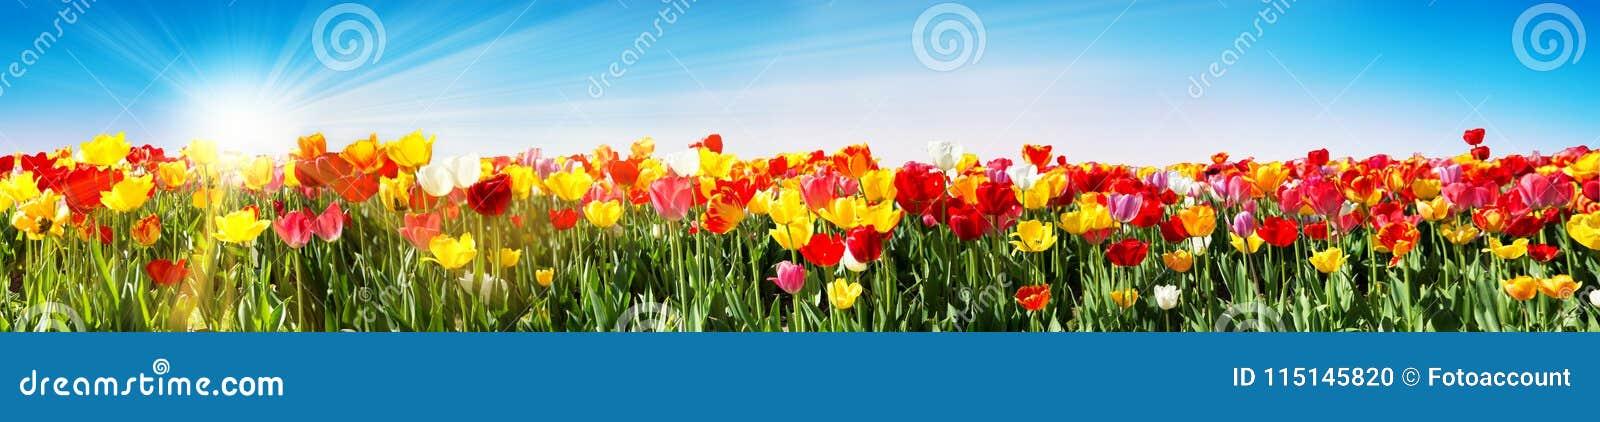 Tulpan i våren - panorama- Tulip Field - olika variationer